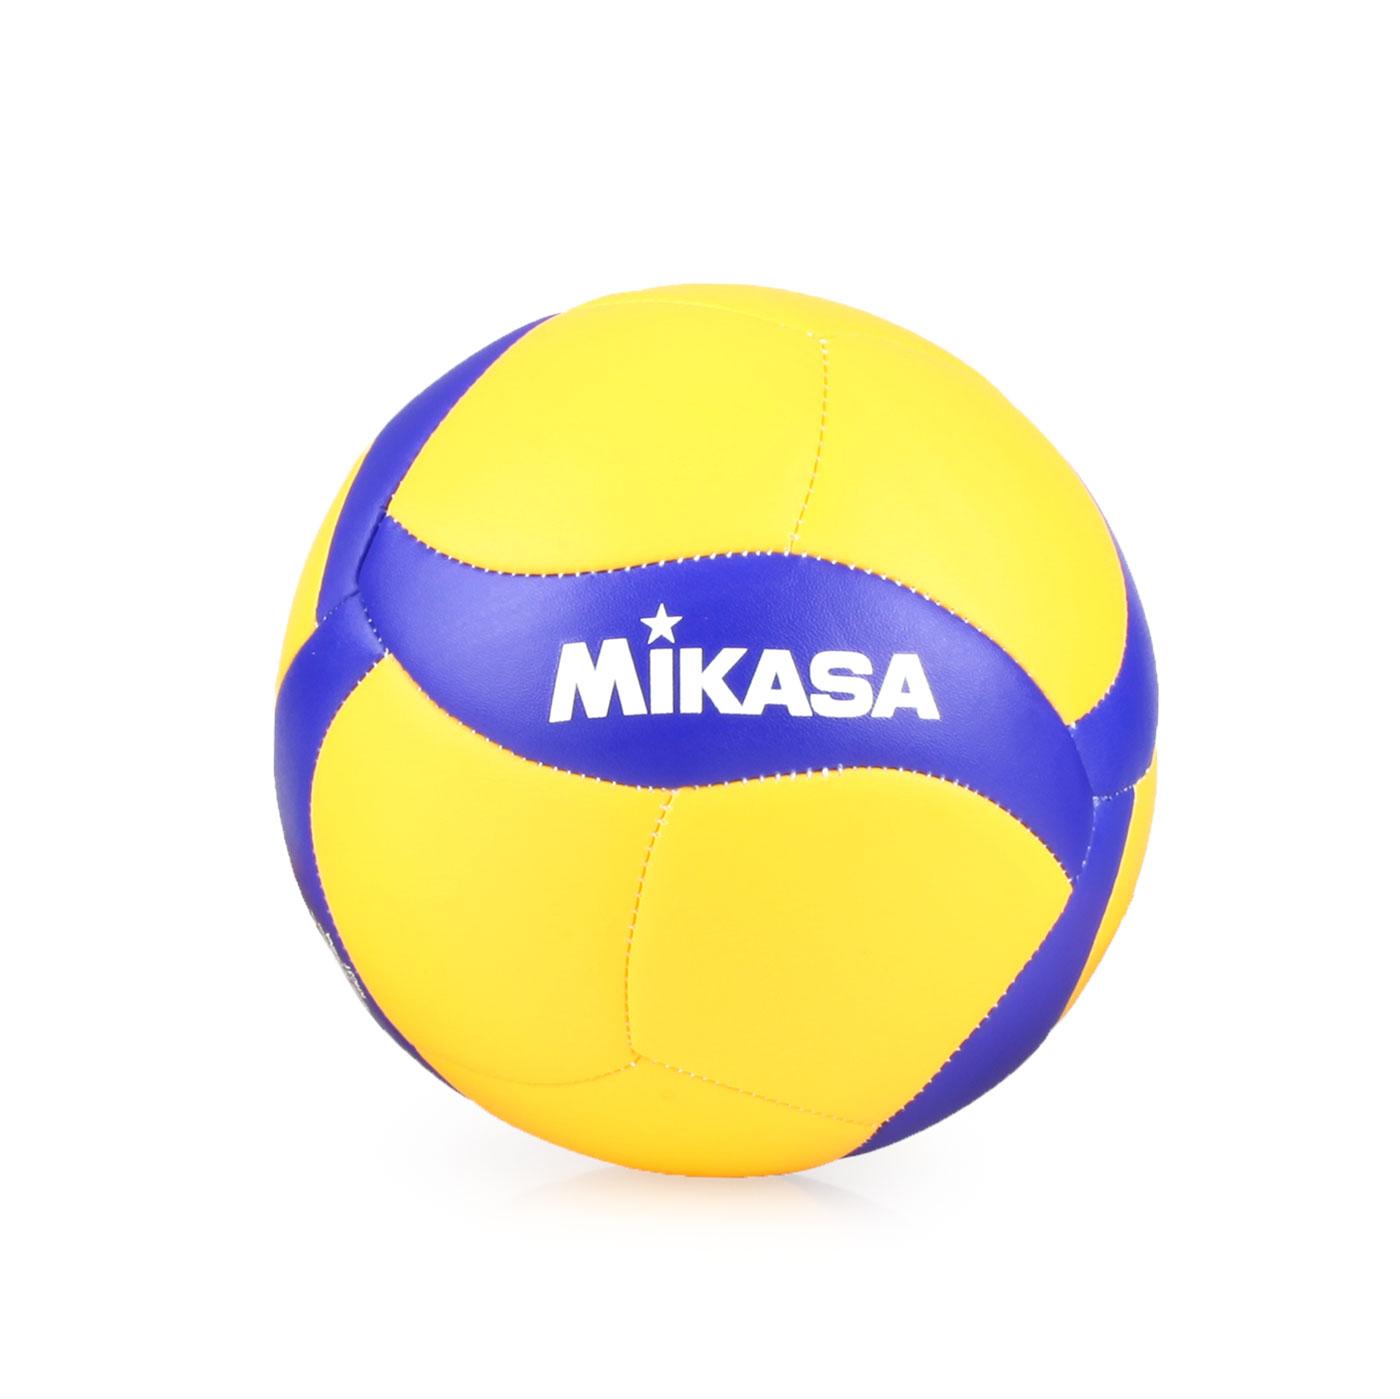 MIKASA 紀念排球#1.5 MKV15W